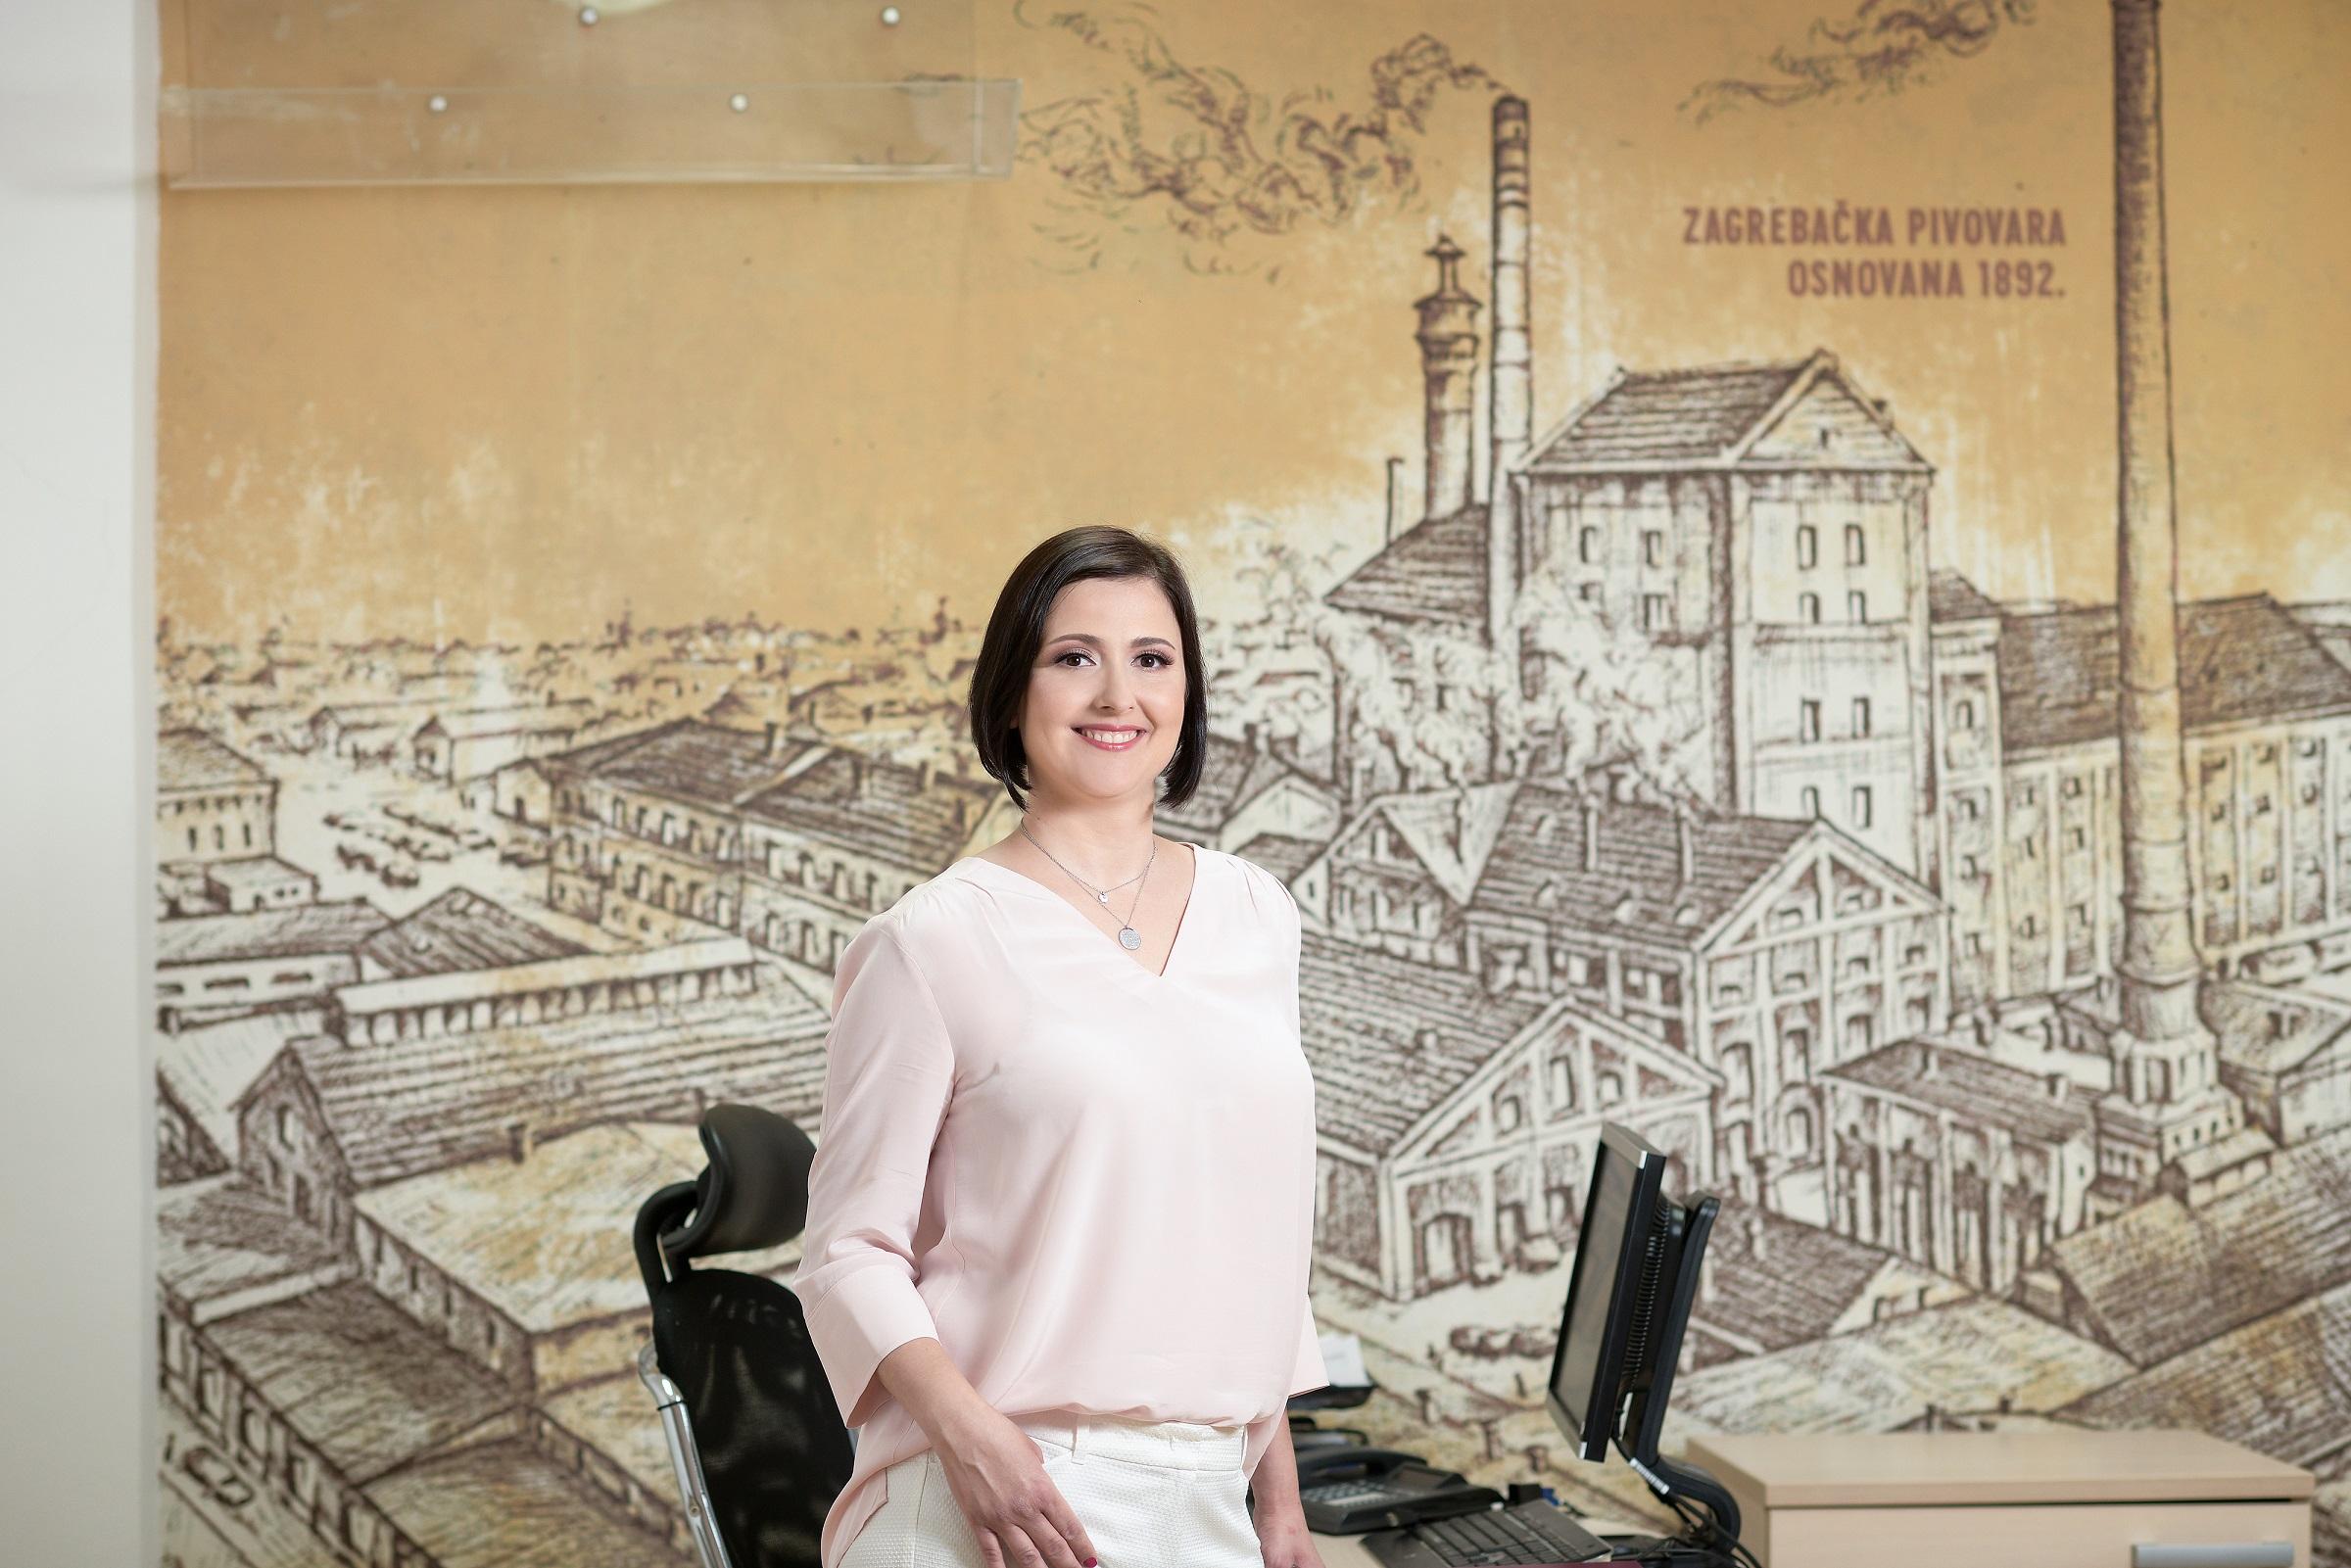 Alina Ružić, direktorica za pravne i korporativne poslove za Hrvatsku i Bosnu i Hercegovinu i članica Uprave